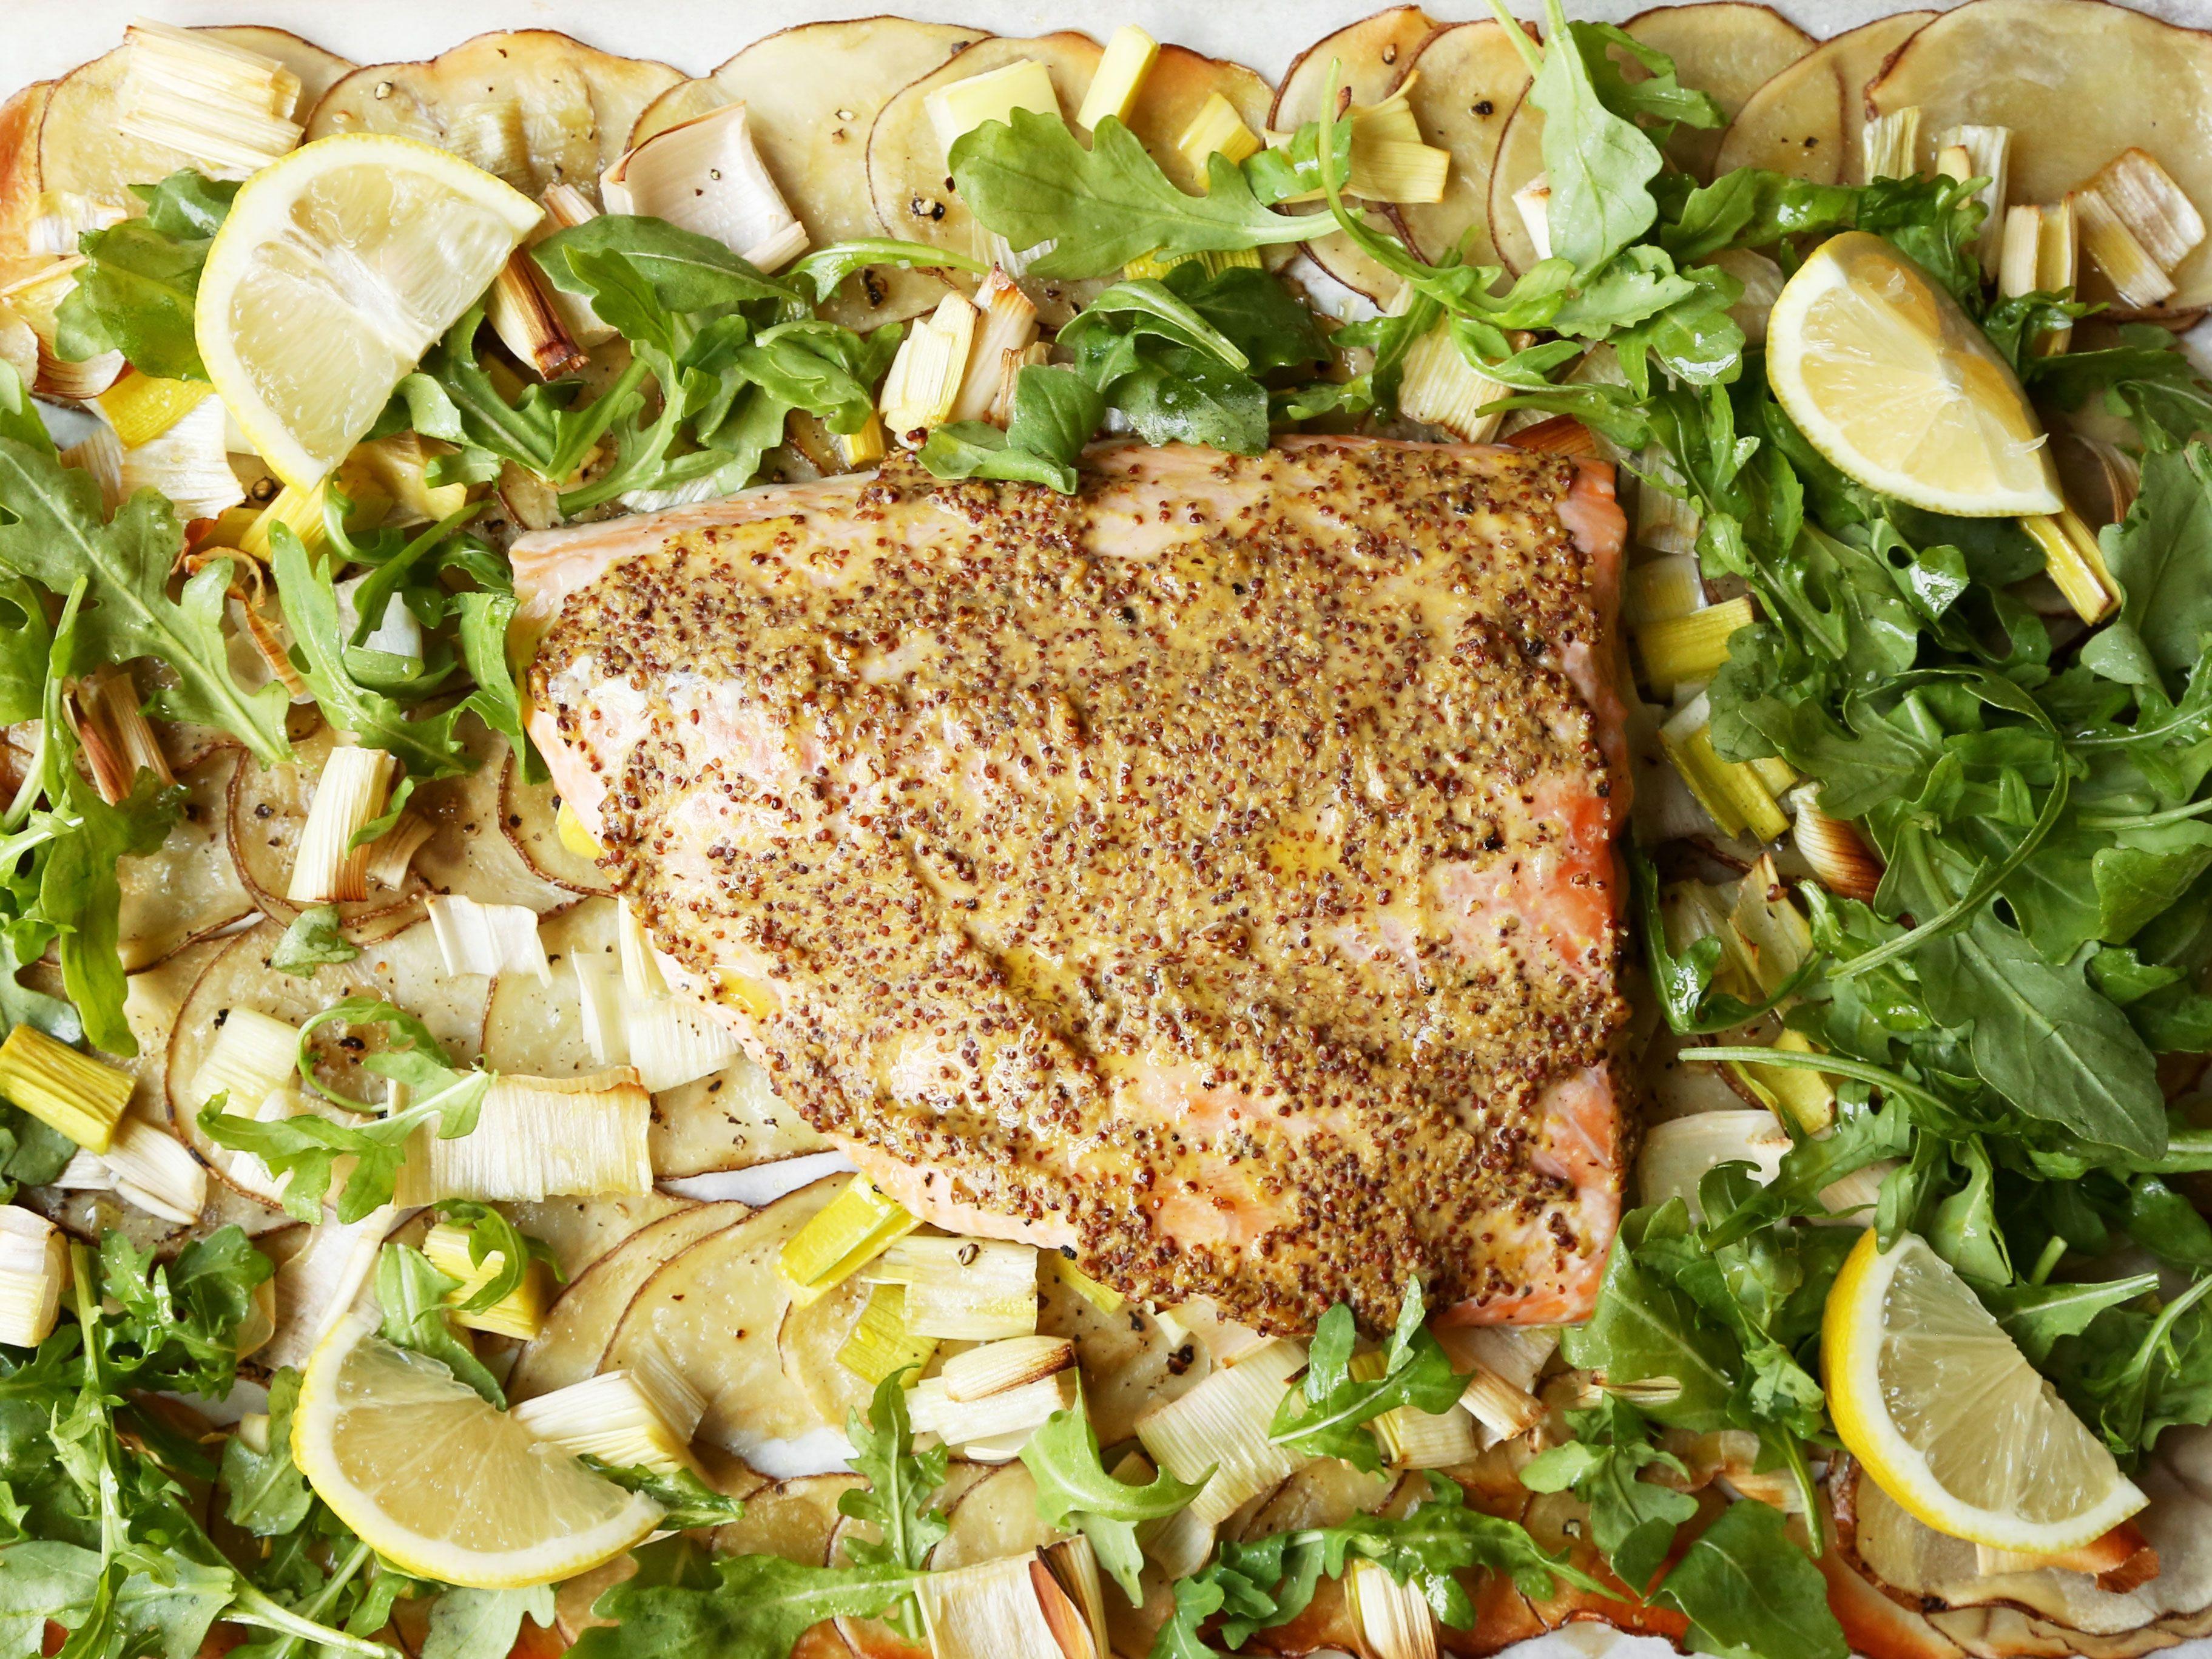 мальтийская кухня рецепты фото что данный